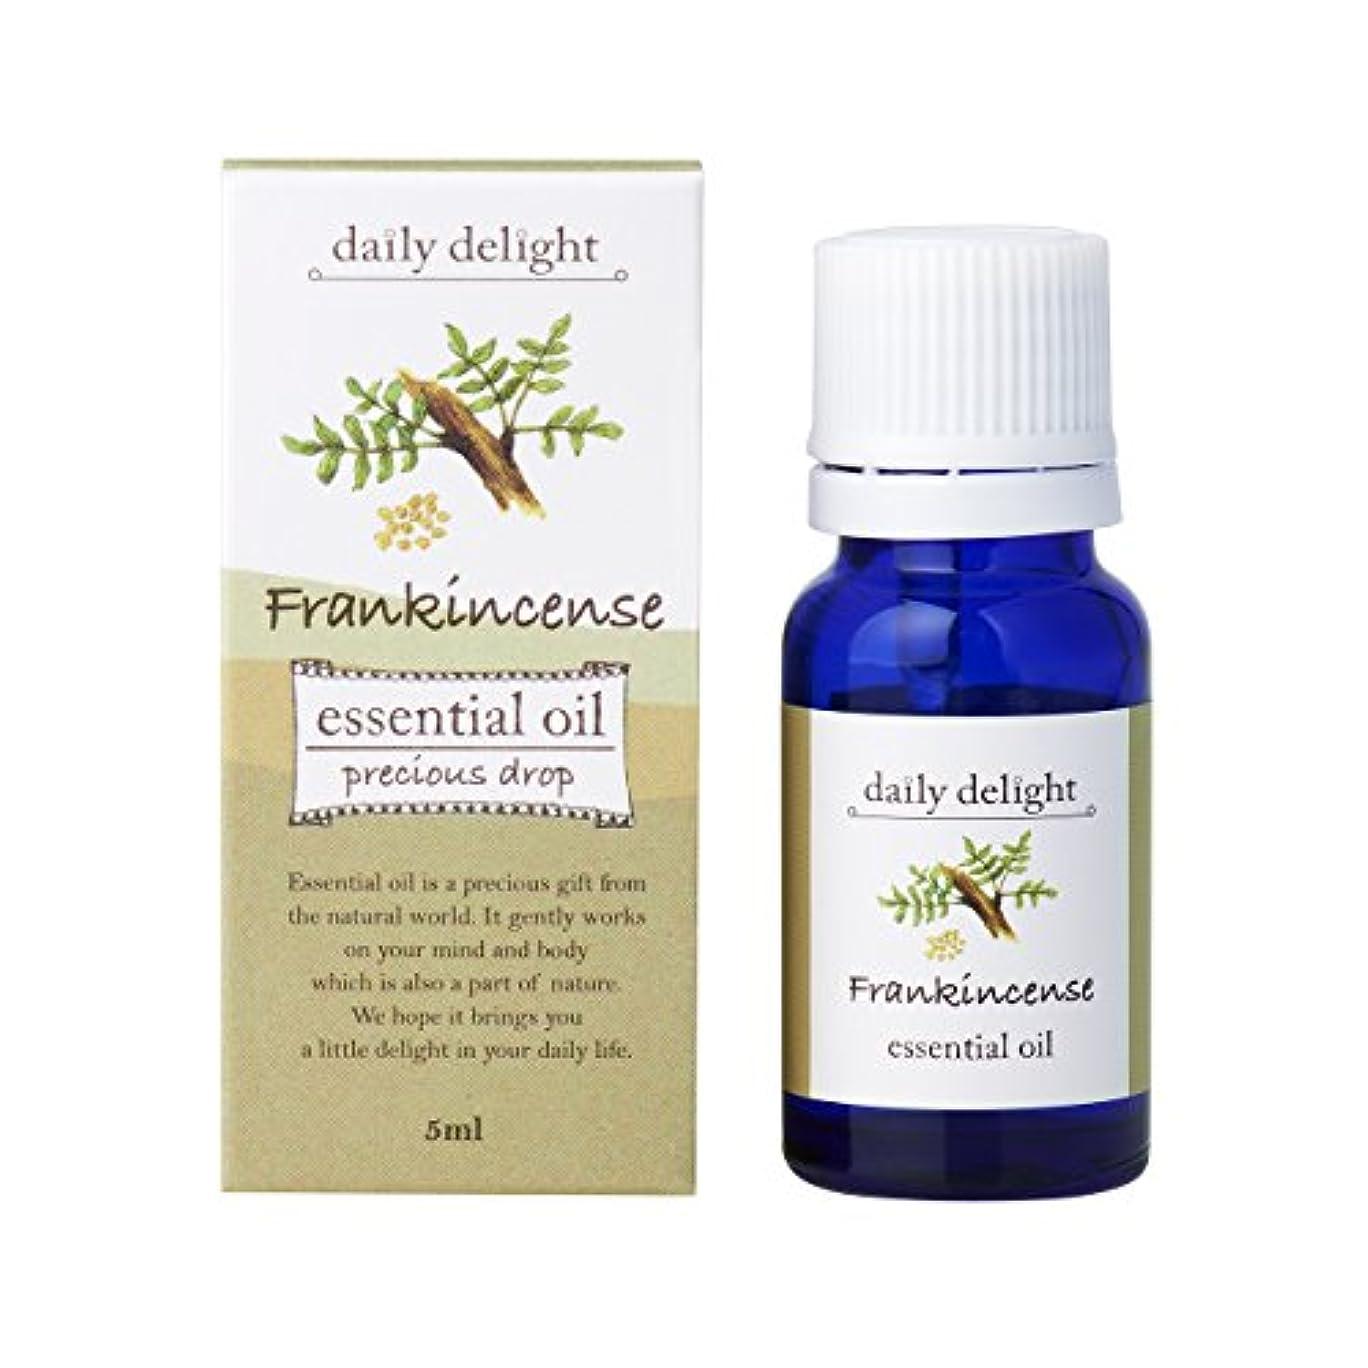 四分円概要熟考するデイリーディライト エッセンシャルオイル フランキンセンス 5ml(天然100% 精油 アロマ 樹脂系 樹脂から採れるさわやかな木の香り)